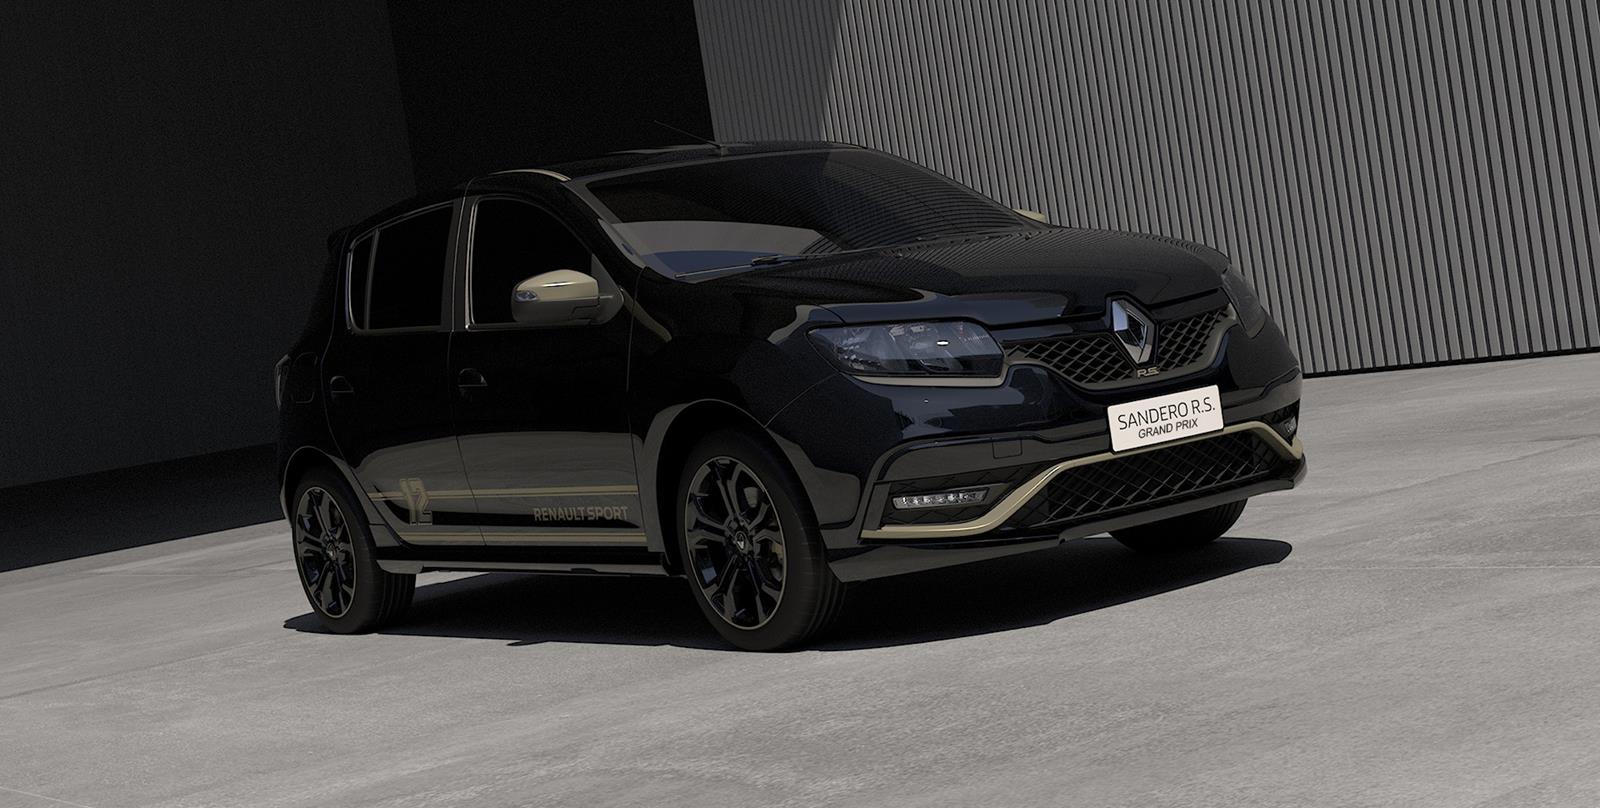 Renault trình làng Sandero RS Grand Prix và Duster Extreme Concept - 1